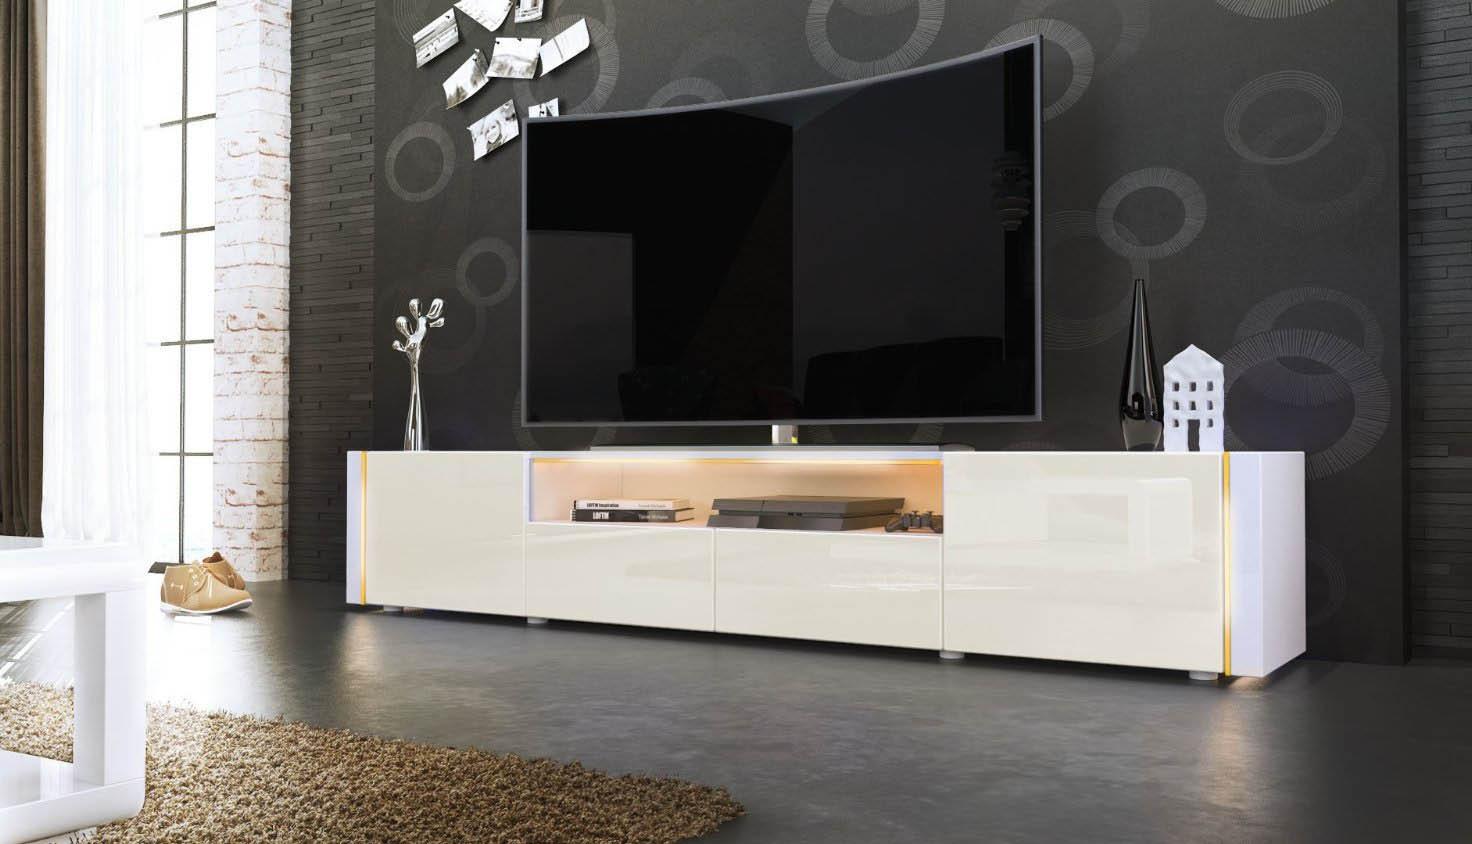 Casanova porta tv moderno mobile soggiorno bianco con led - Mobile moderno per soggiorno ...